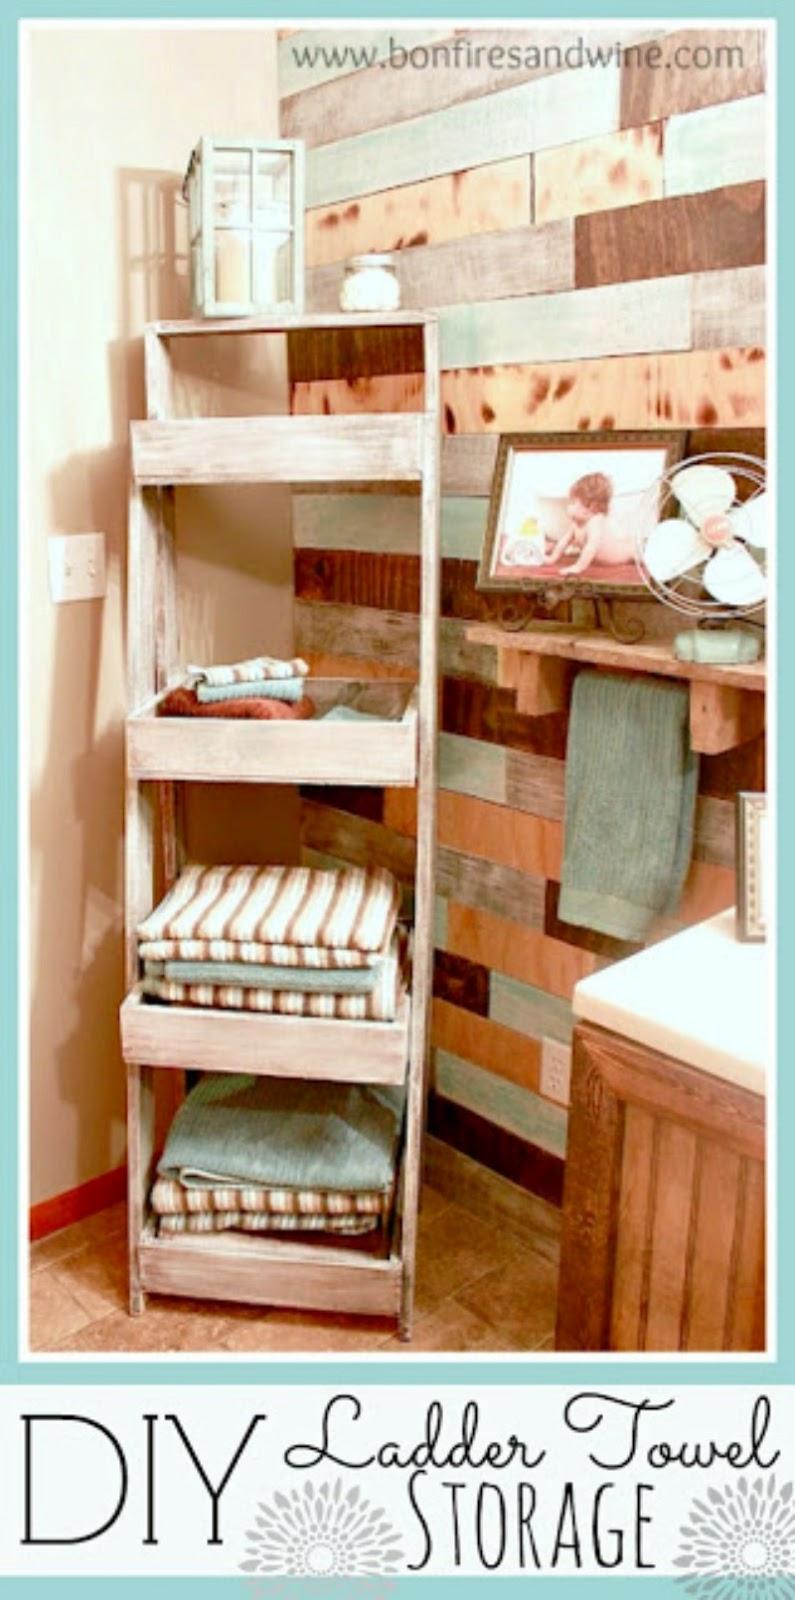 bonfires and wine diy ladder towel storage. Black Bedroom Furniture Sets. Home Design Ideas